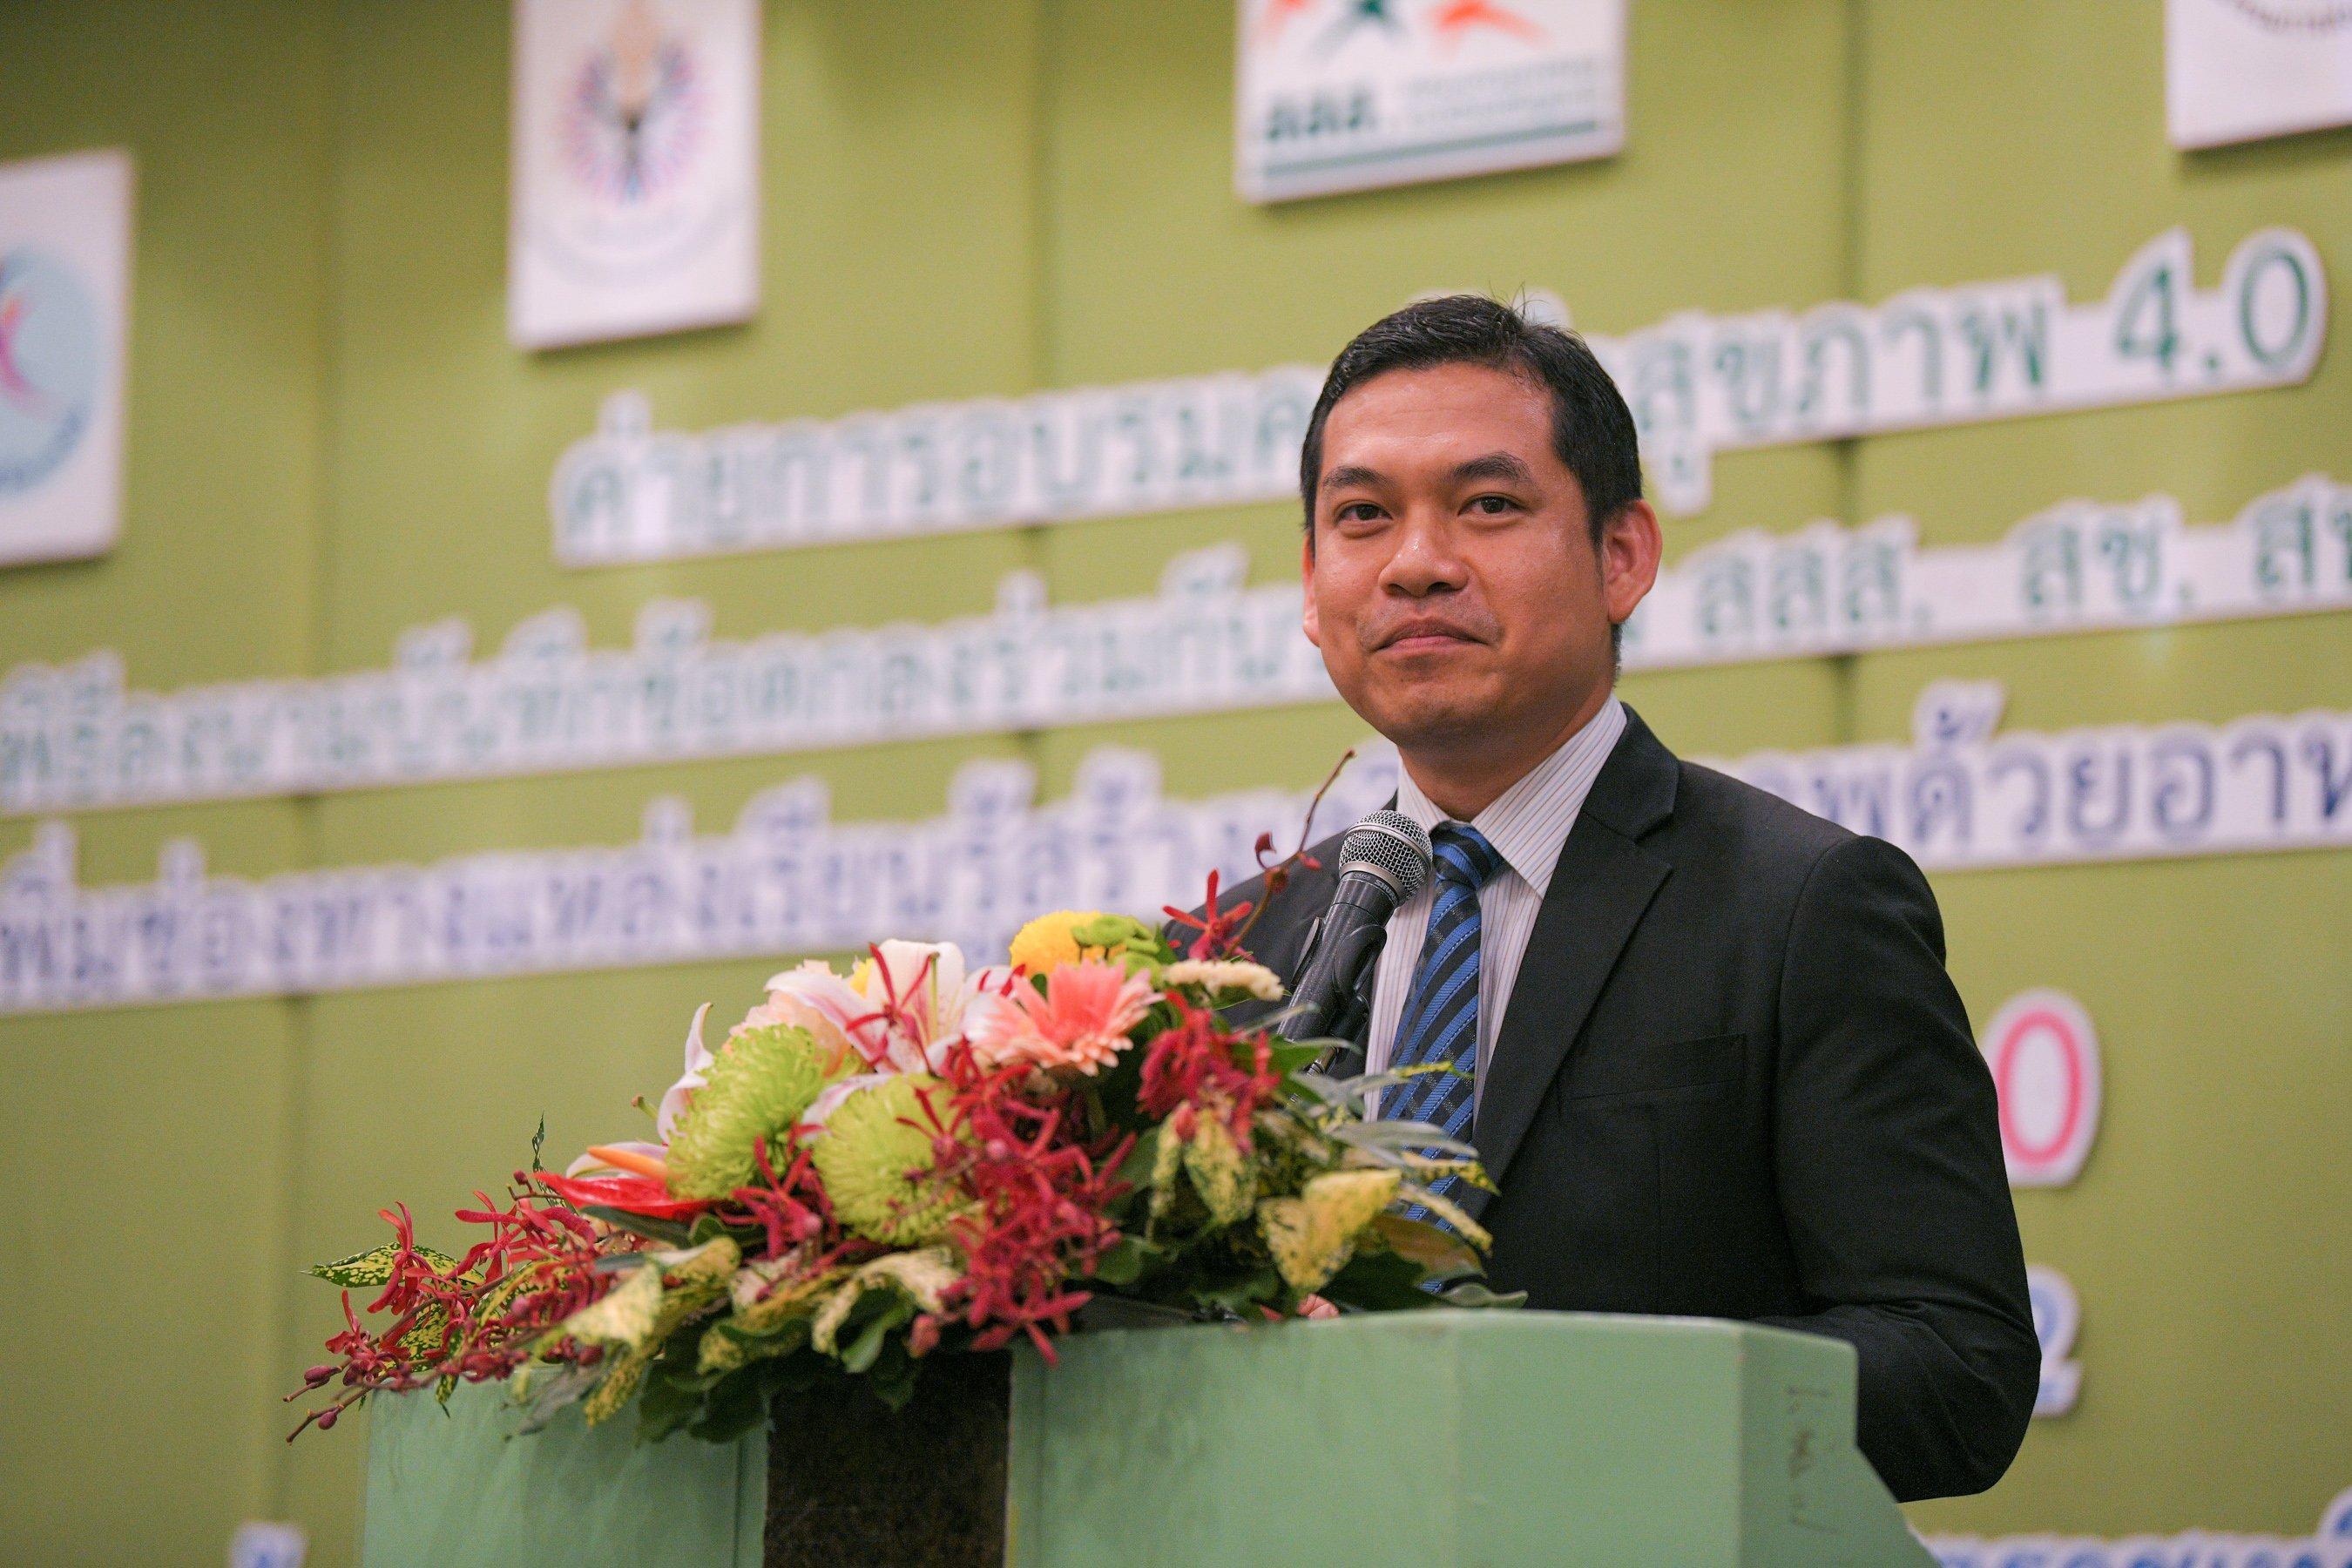 ส่งเสริมเด็กไทยดูดี 4.0 ลดโรคอ้วน thaihealth